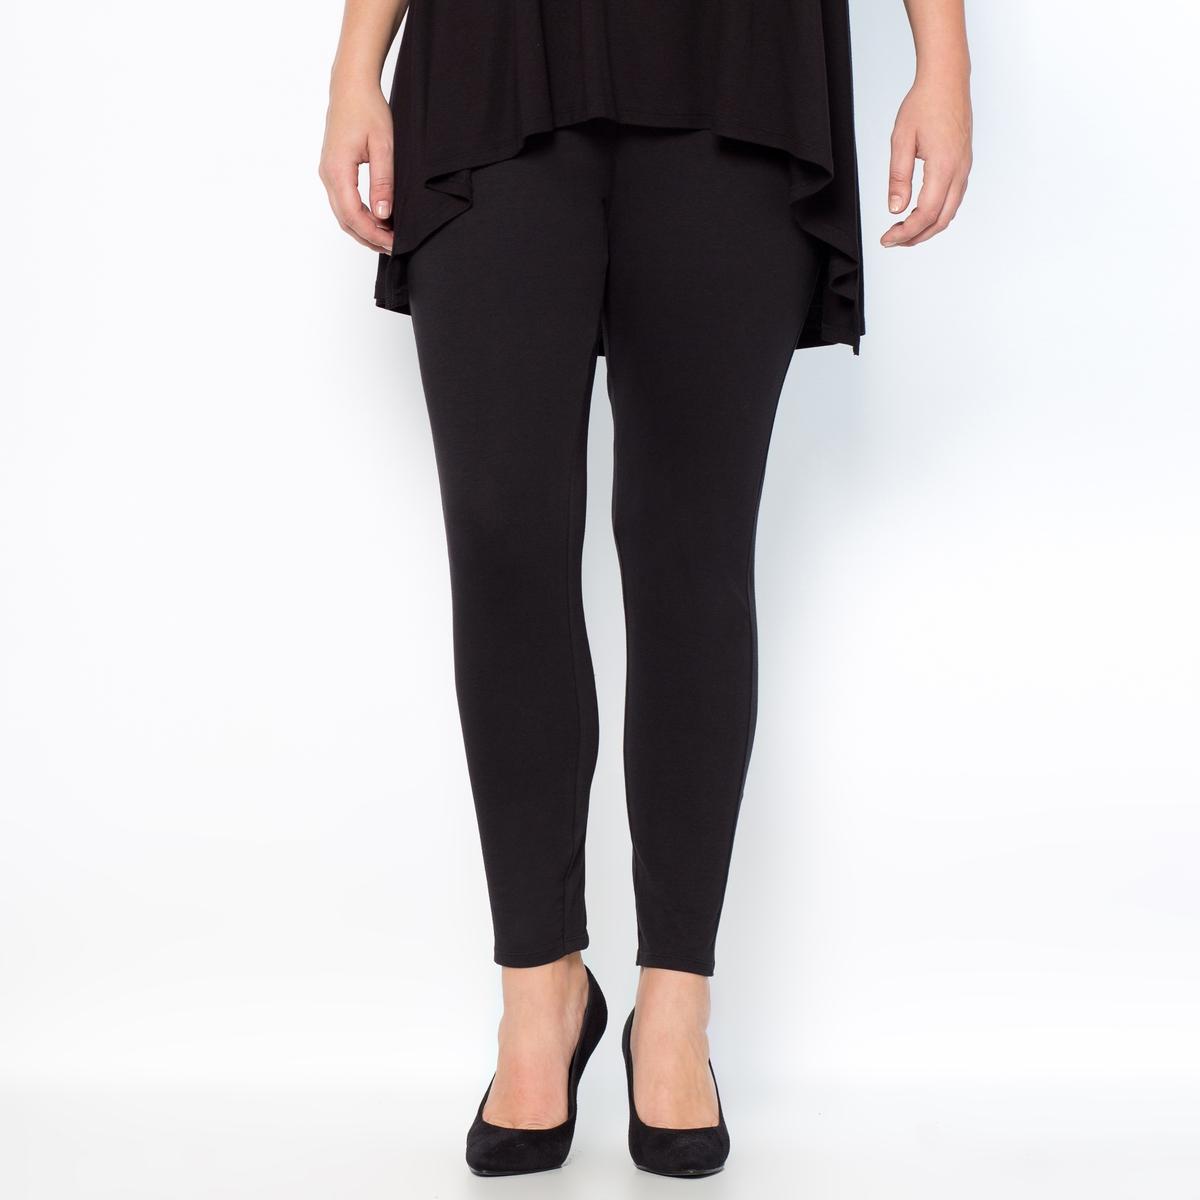 Леггинсы длинныеДлинные леггинсы. Незаменимая вещь в любом гардеробе! Эластичный пояс черного цвета для моделей любого цвета. 95% хлопка, 5% эластана. Длина по внутр.шву 68 см.<br><br>Цвет: белый,серый меланж,черный<br>Размер: 62/64 (FR) - 68/70 (RUS)